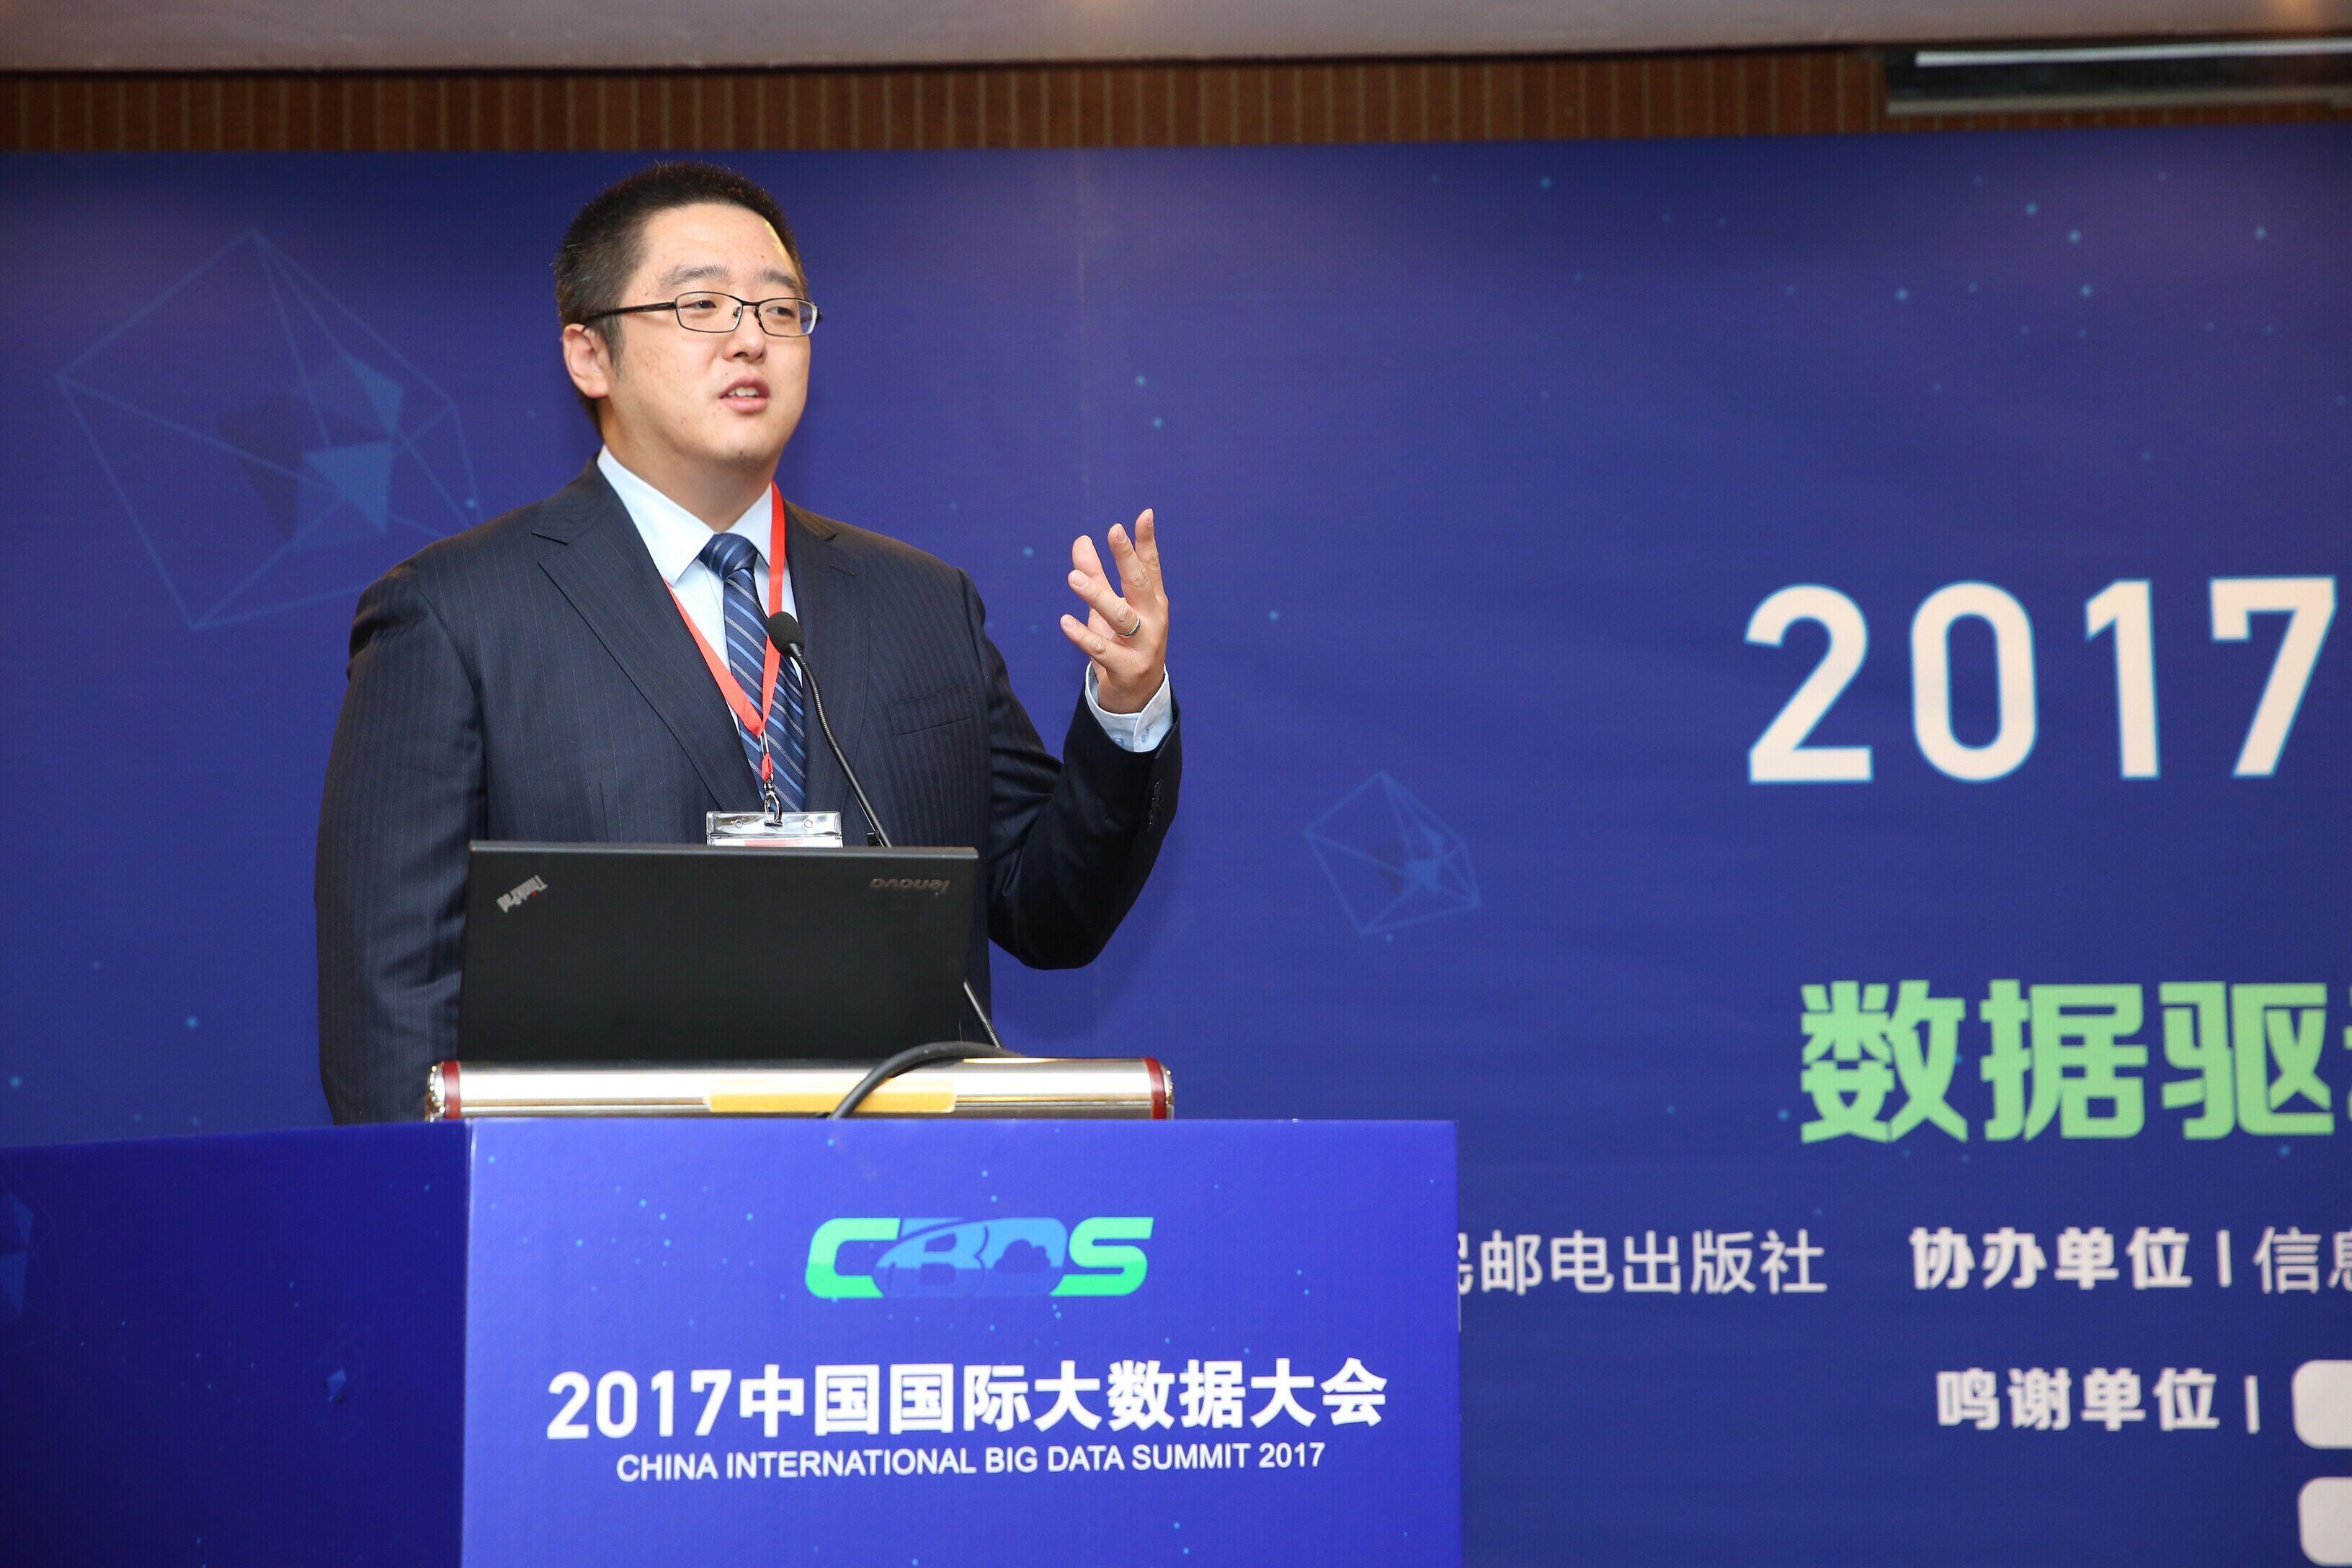 中国引领数字经济时代,凡普金科布局智能金融科技